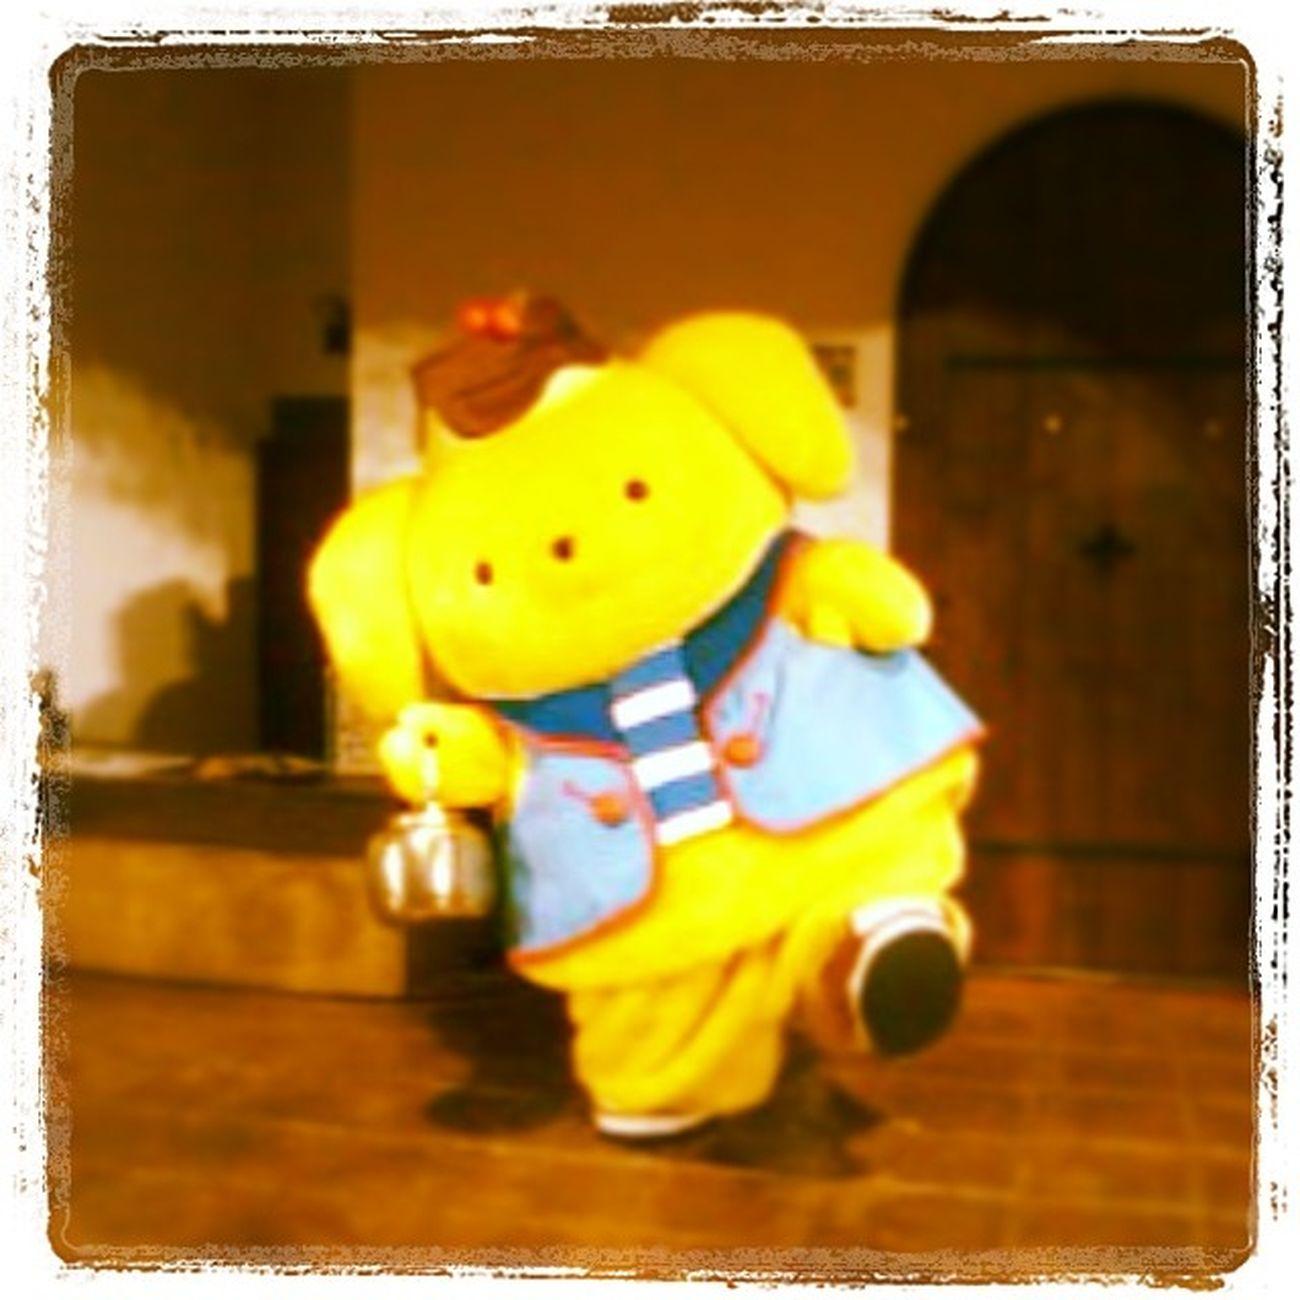 プリンお誕生日おめでとう?きょうは晴れかな〜☀? HappyBirthday Pompompurin ポムポムプリン Sanrio サンリオ